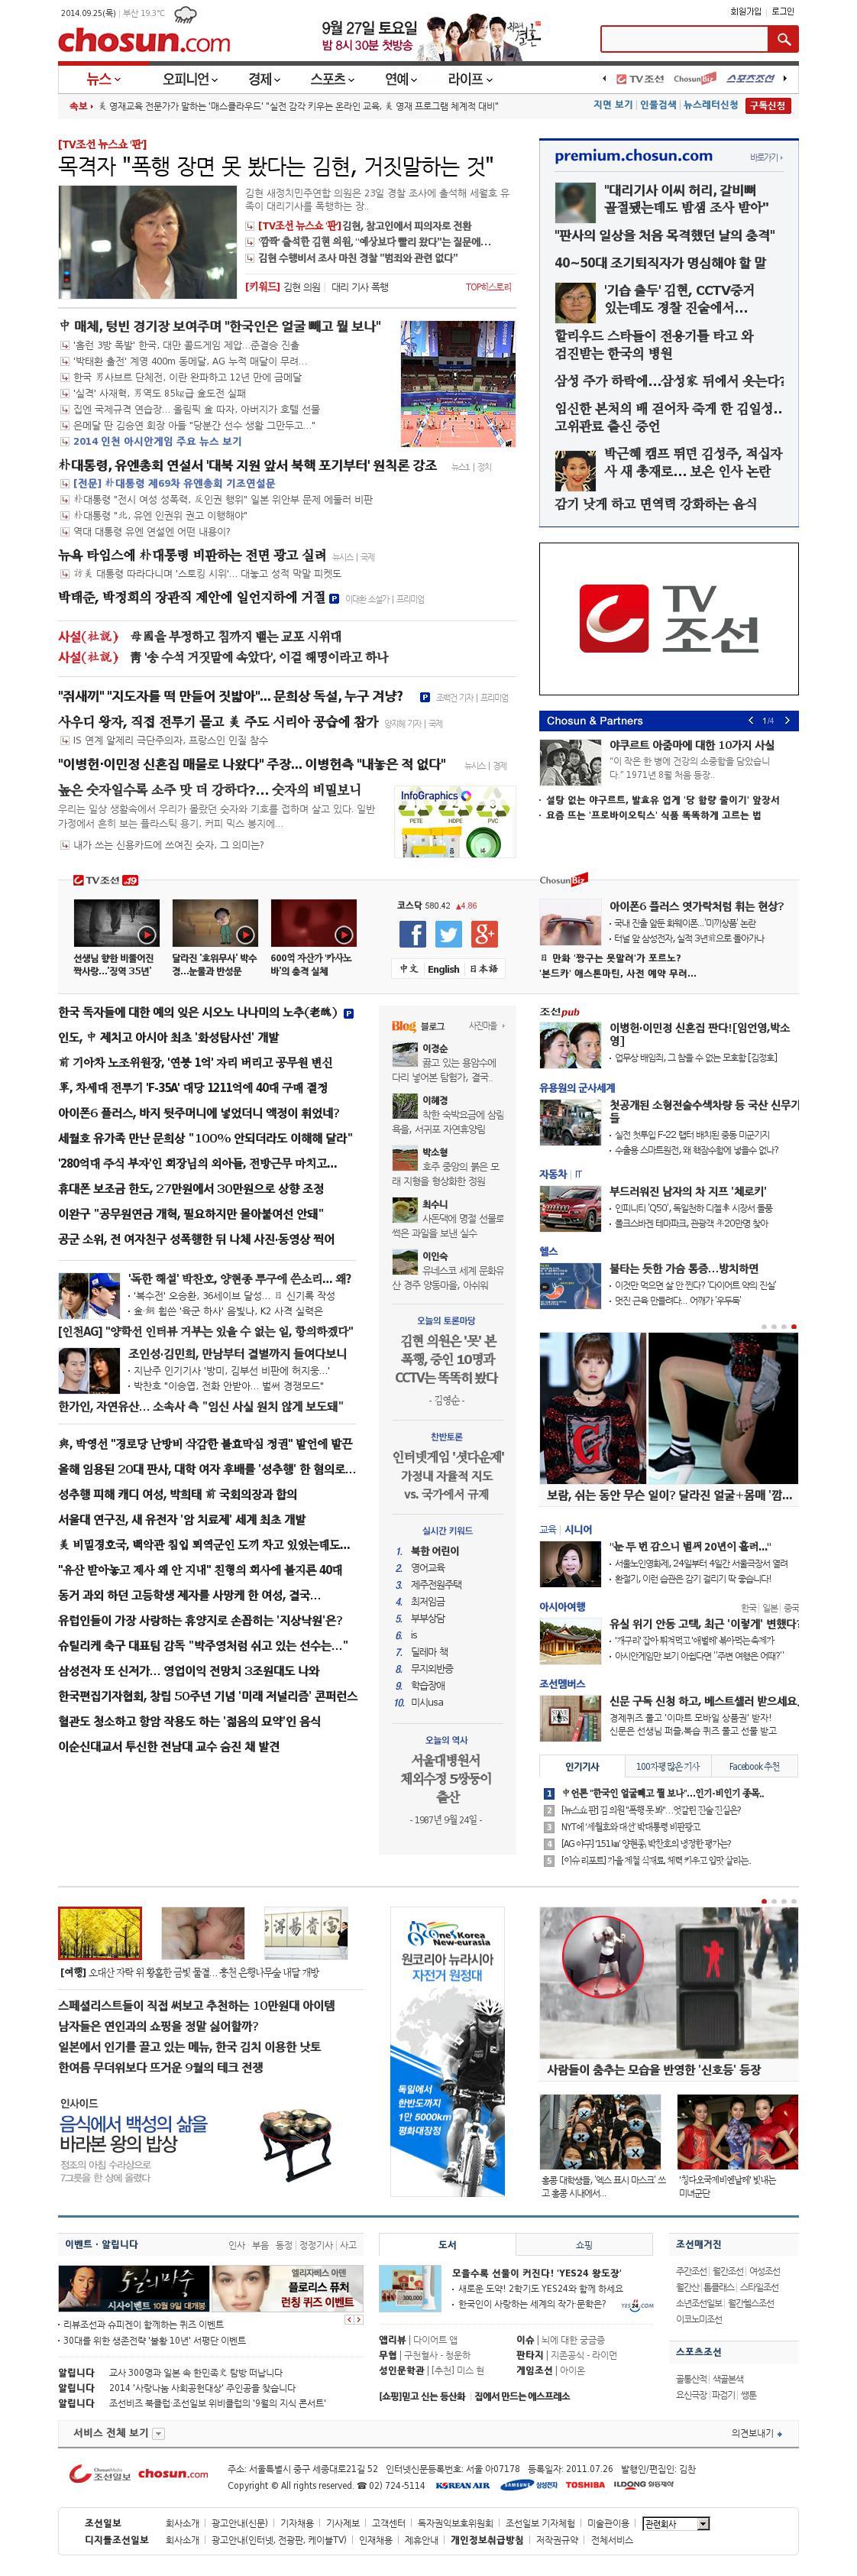 chosun.com at Wednesday Sept. 24, 2014, 8:02 p.m. UTC